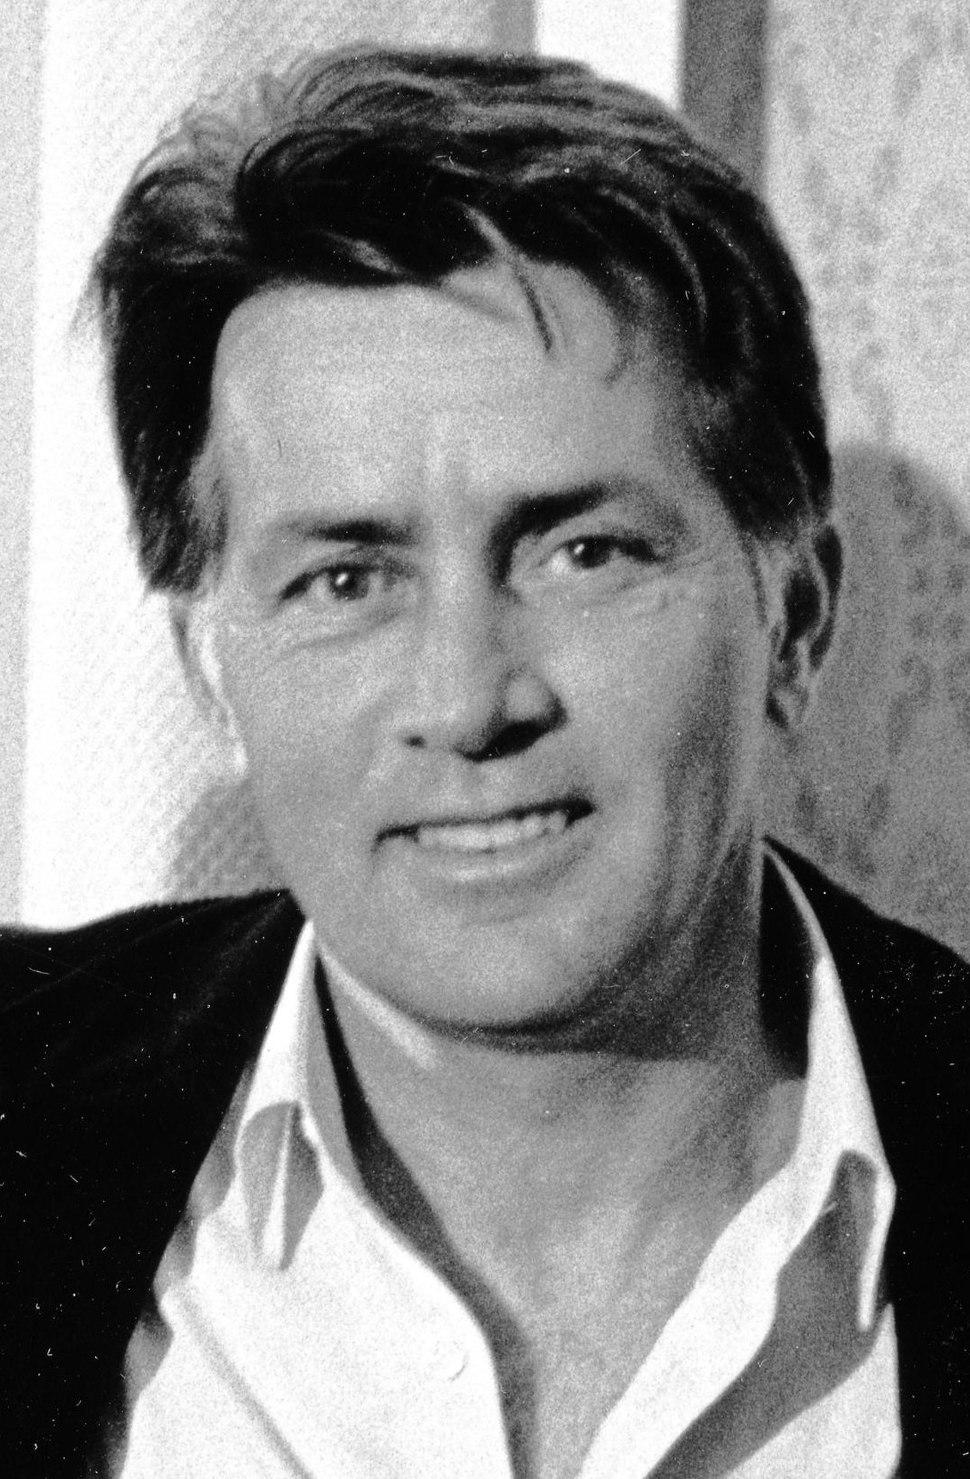 Martin Sheen 1987